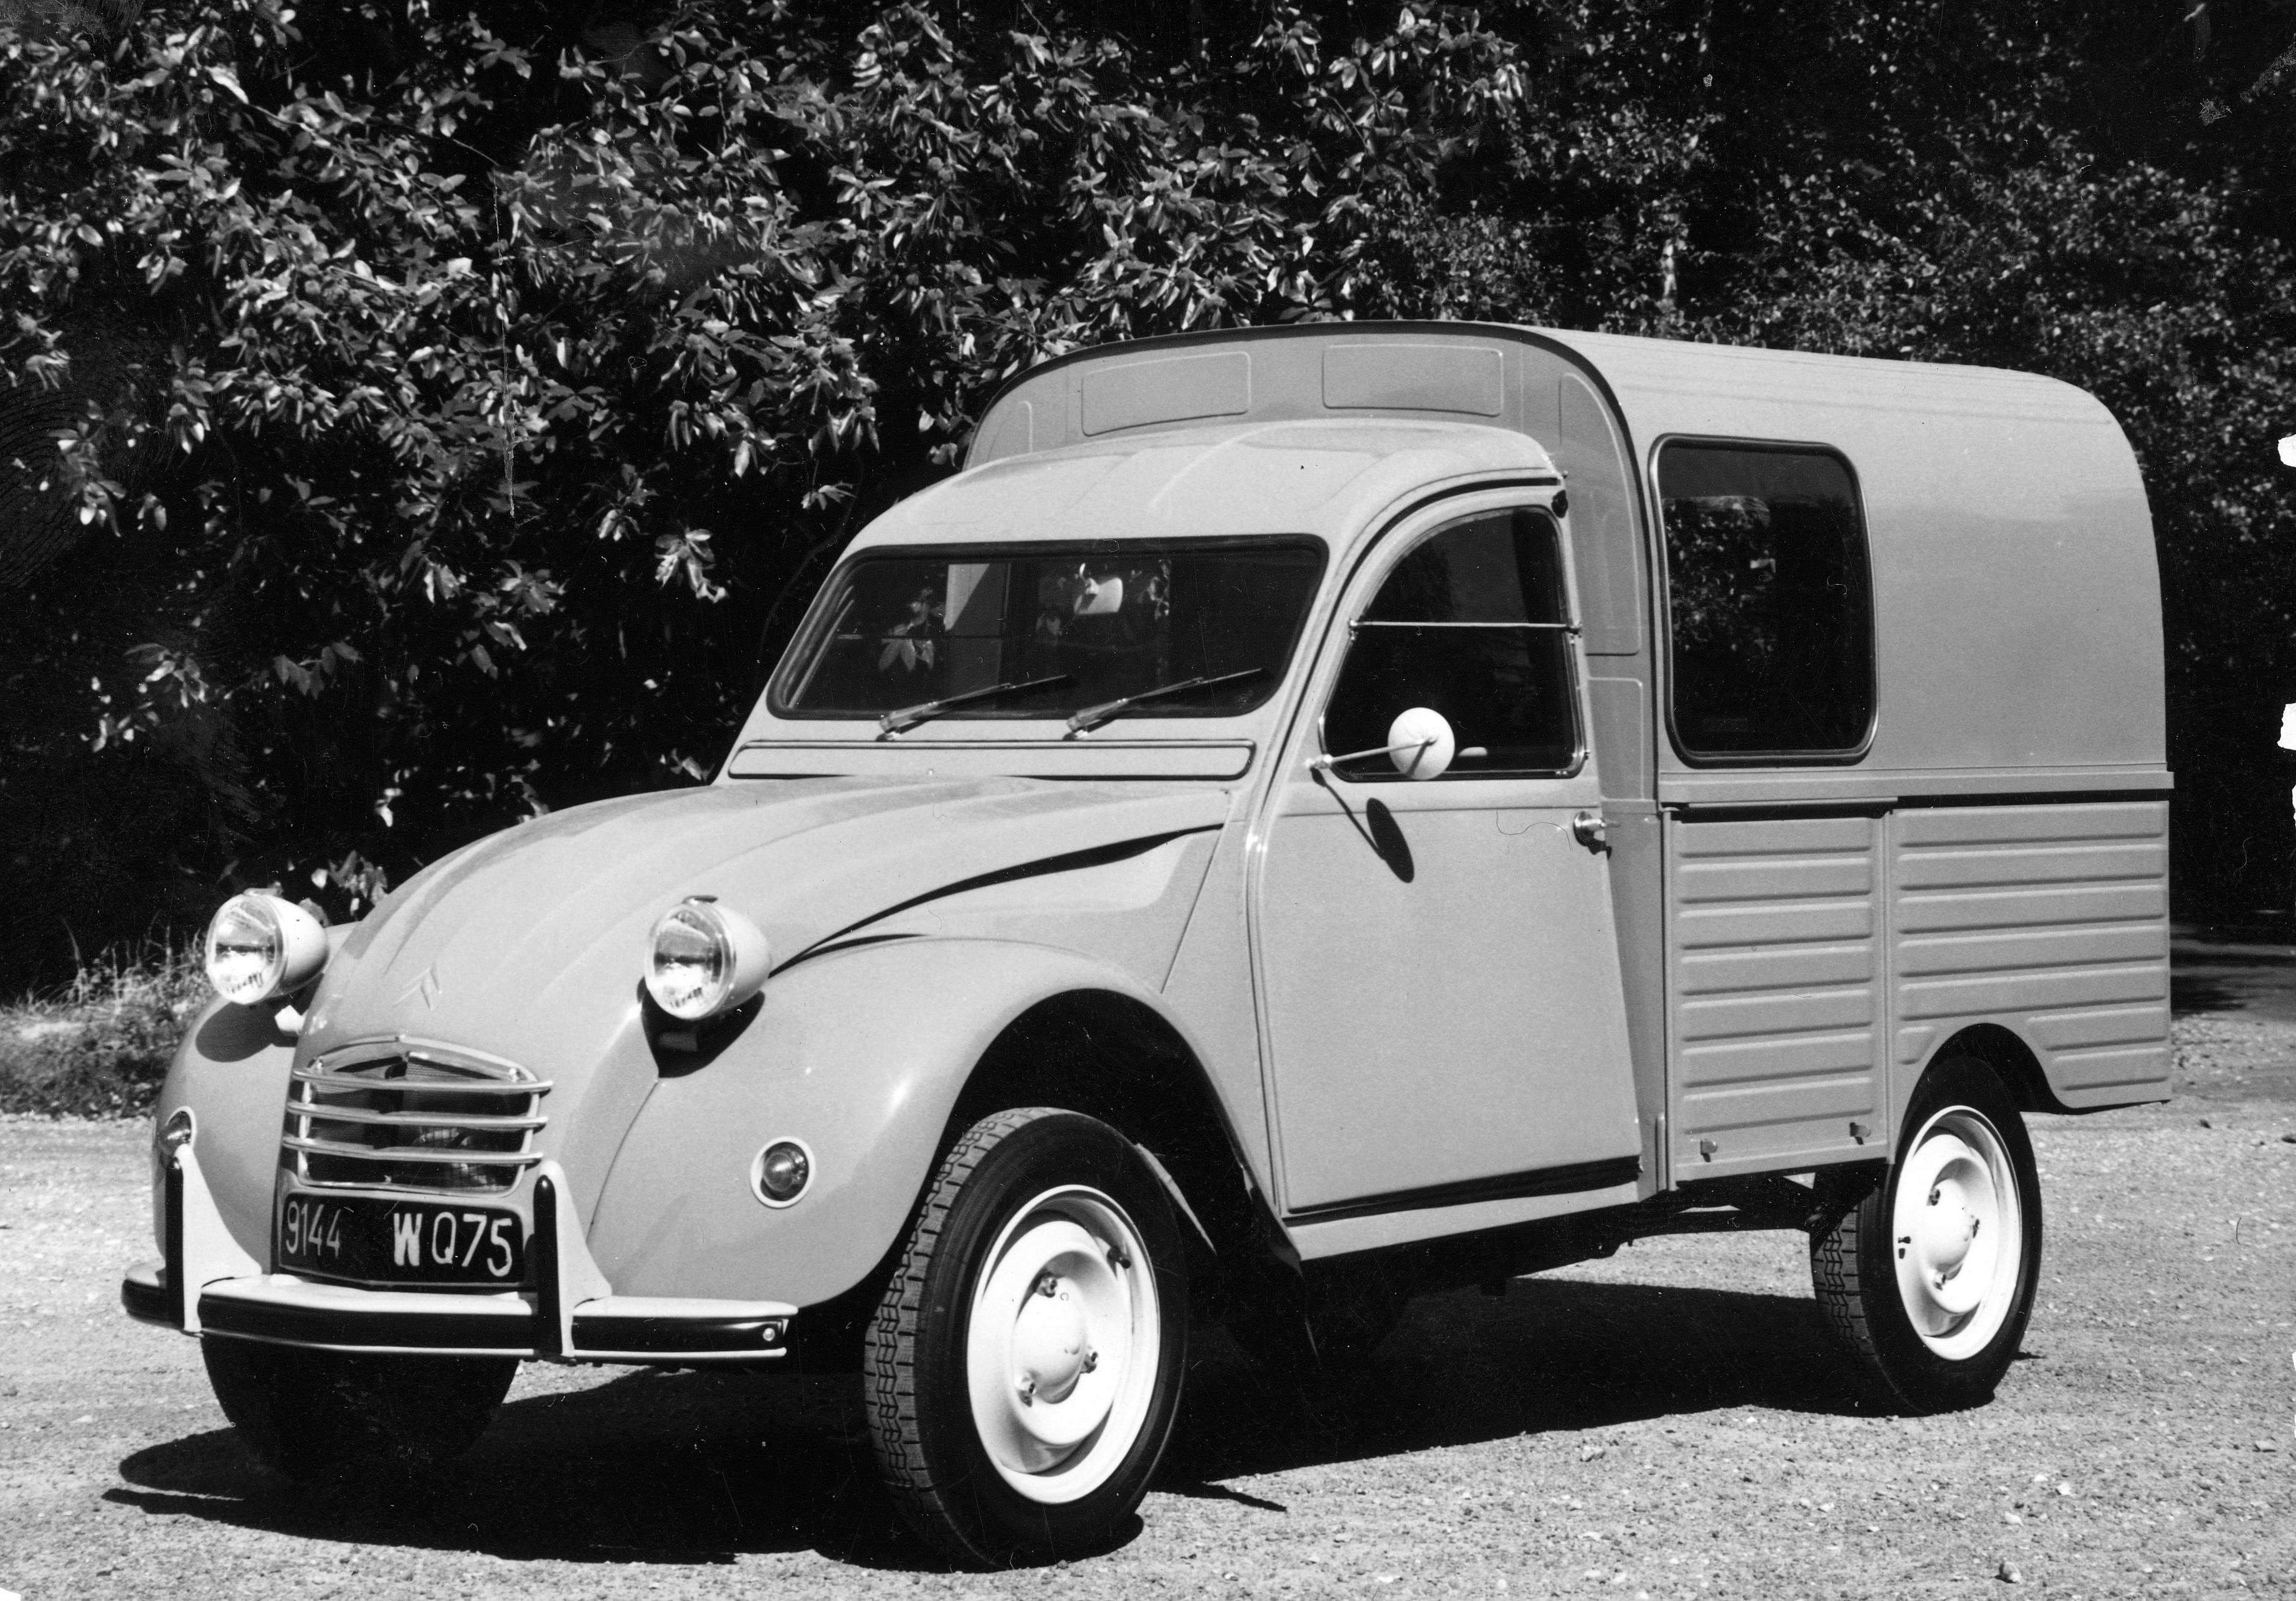 Amicale – Amicale Citroën & DS Deutschland